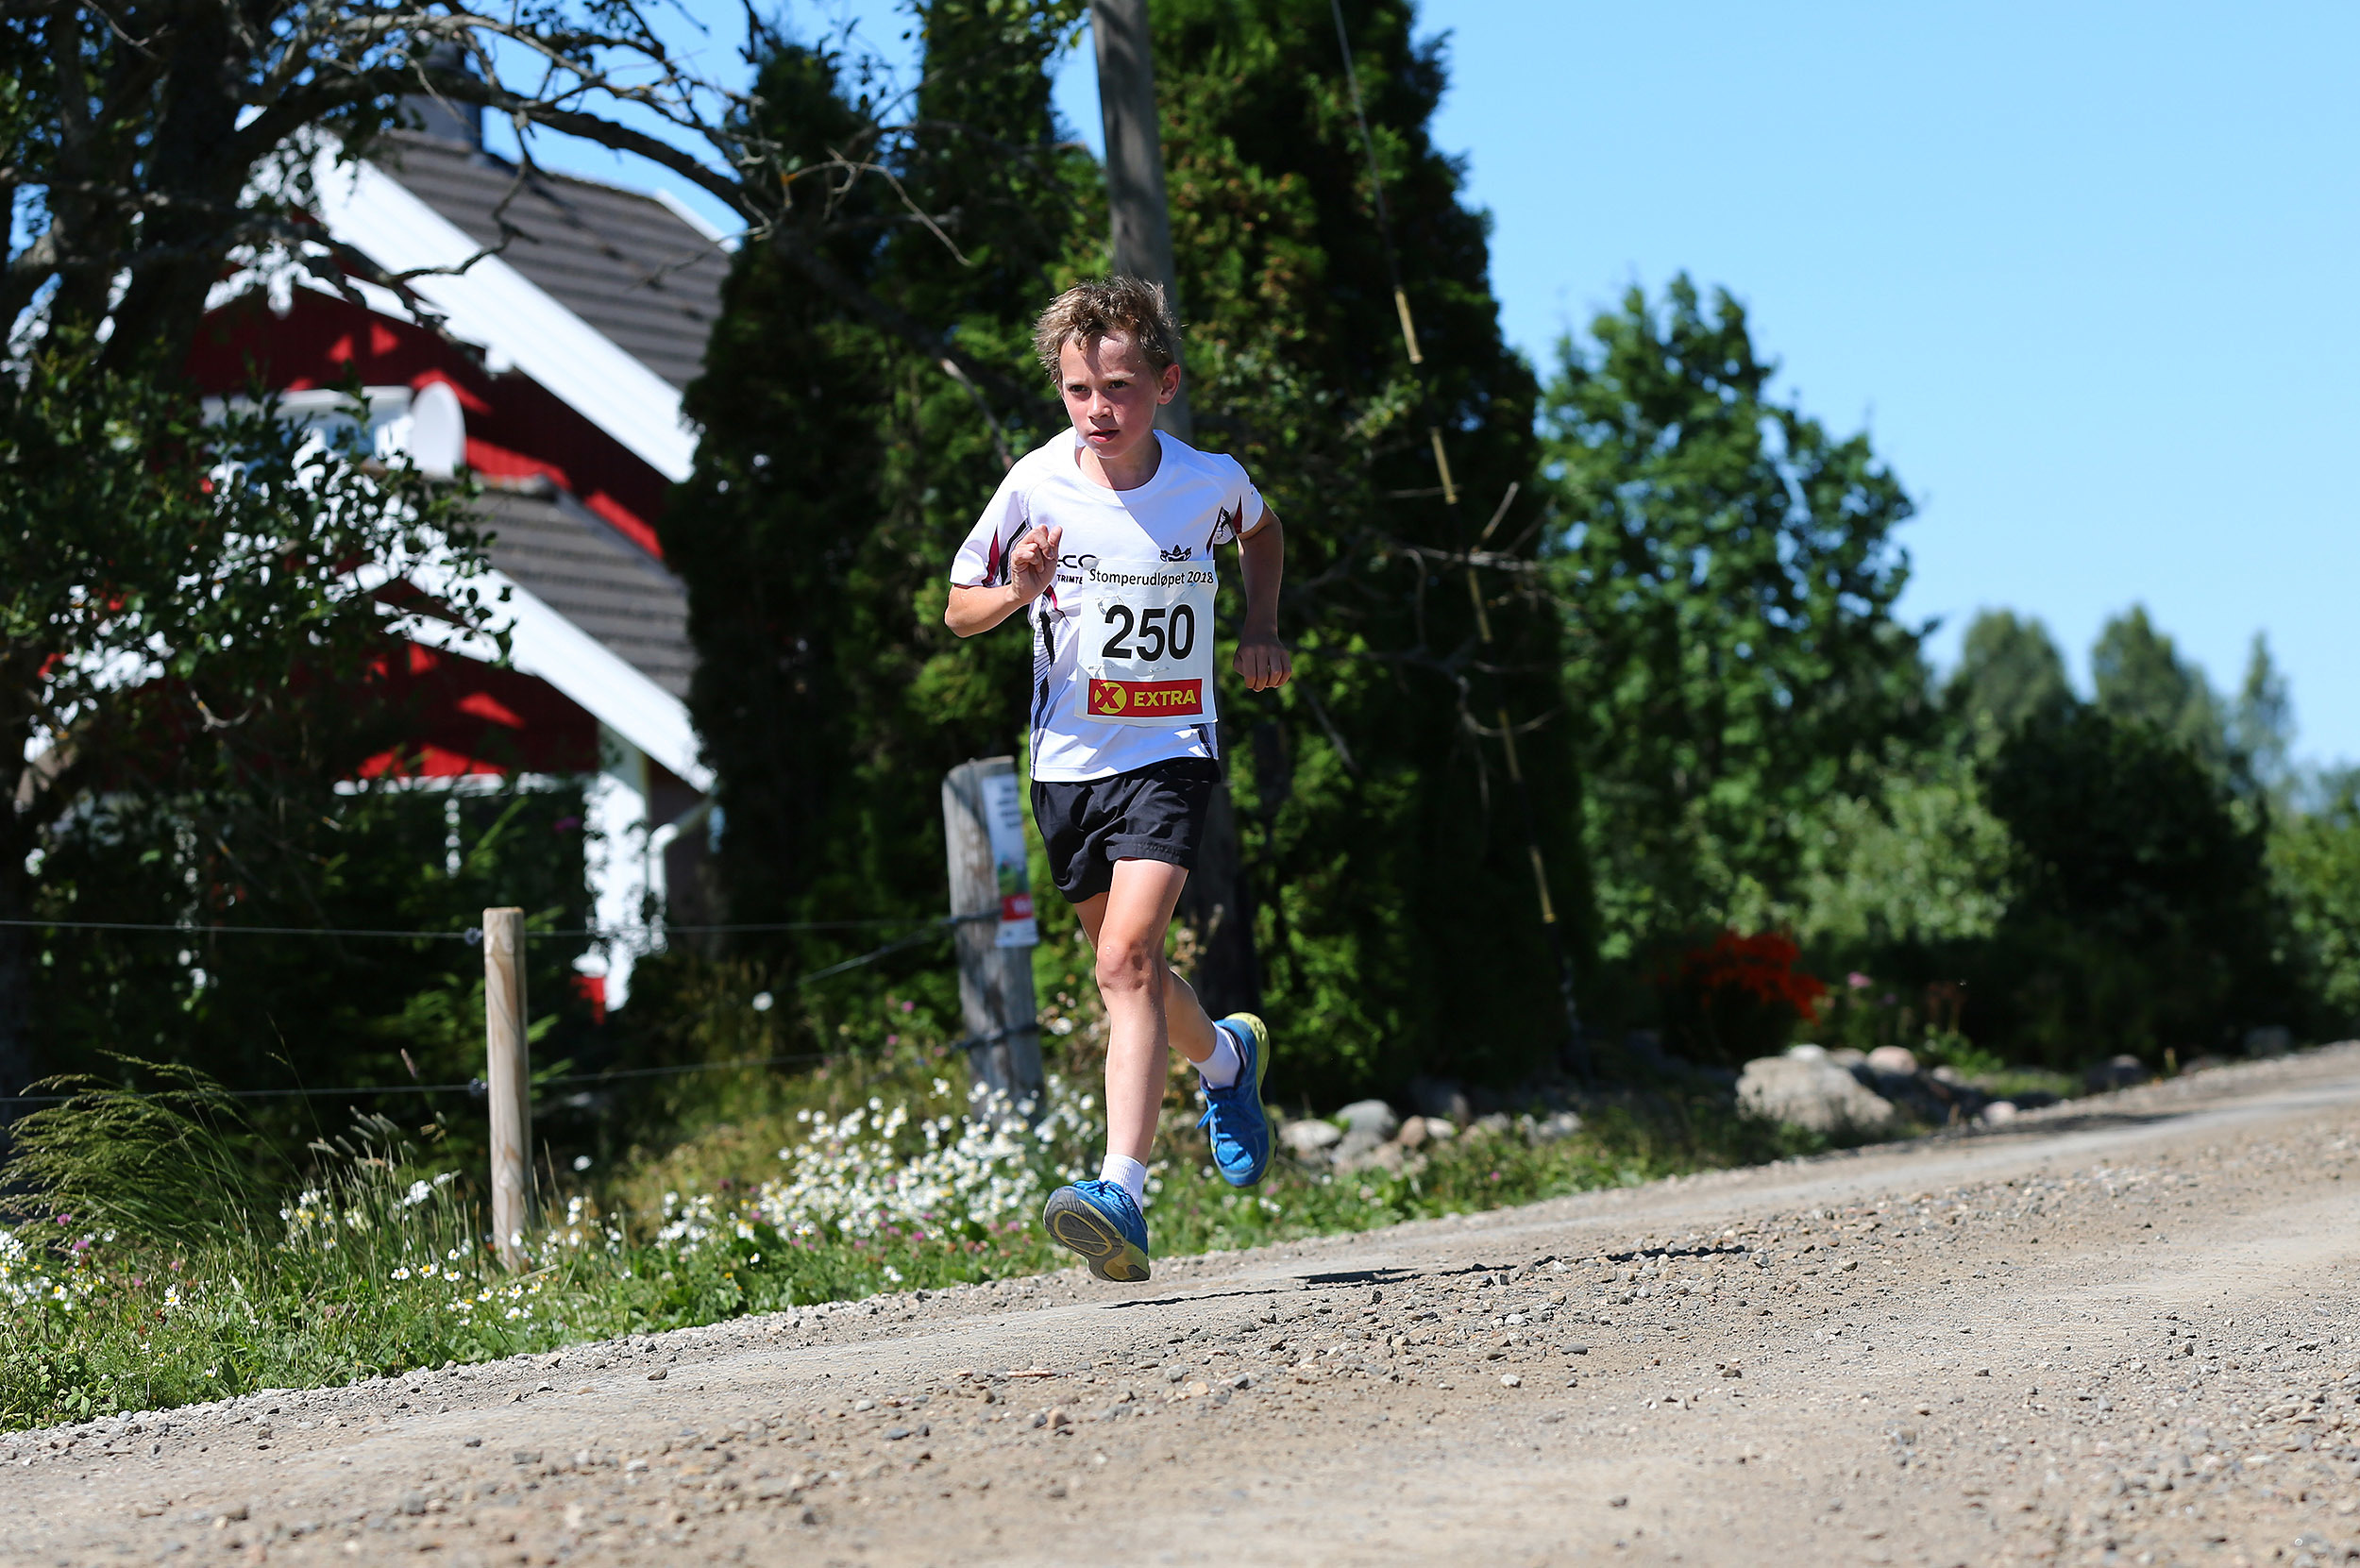 Stomperudløpet2018-6km-Sigurd Størmer Antonsen i tet etter 1500 meter.jpg